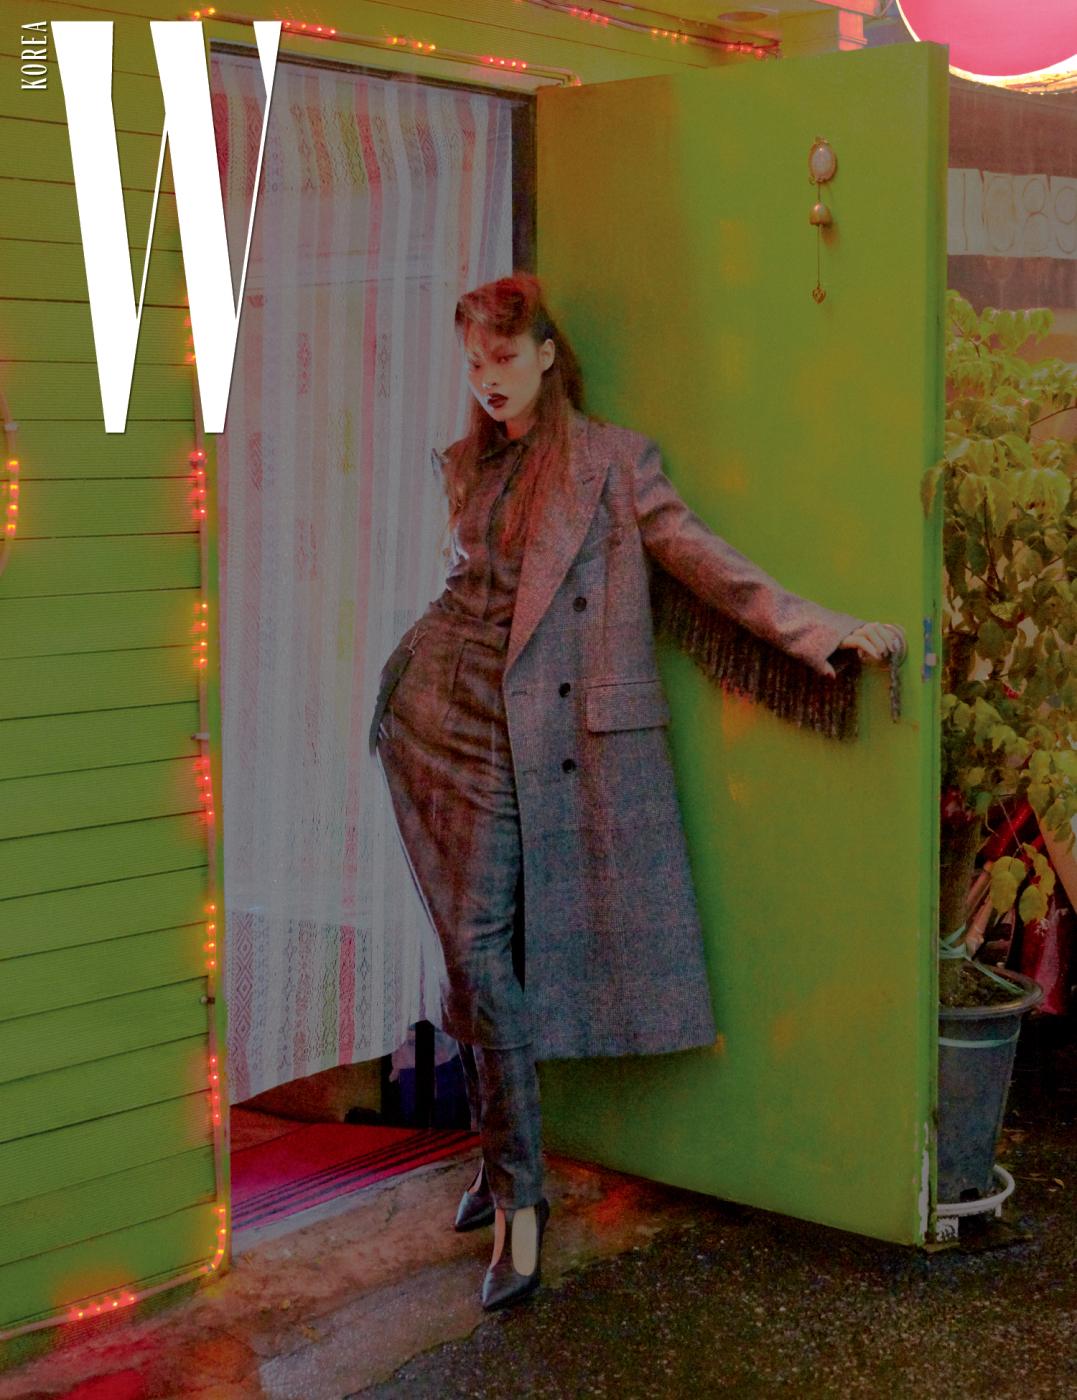 프린지 장식의 체크 패턴 코트와 셔츠, 팬츠, 앵클 스트랩 힐은 모두 Max Mara 제품 .